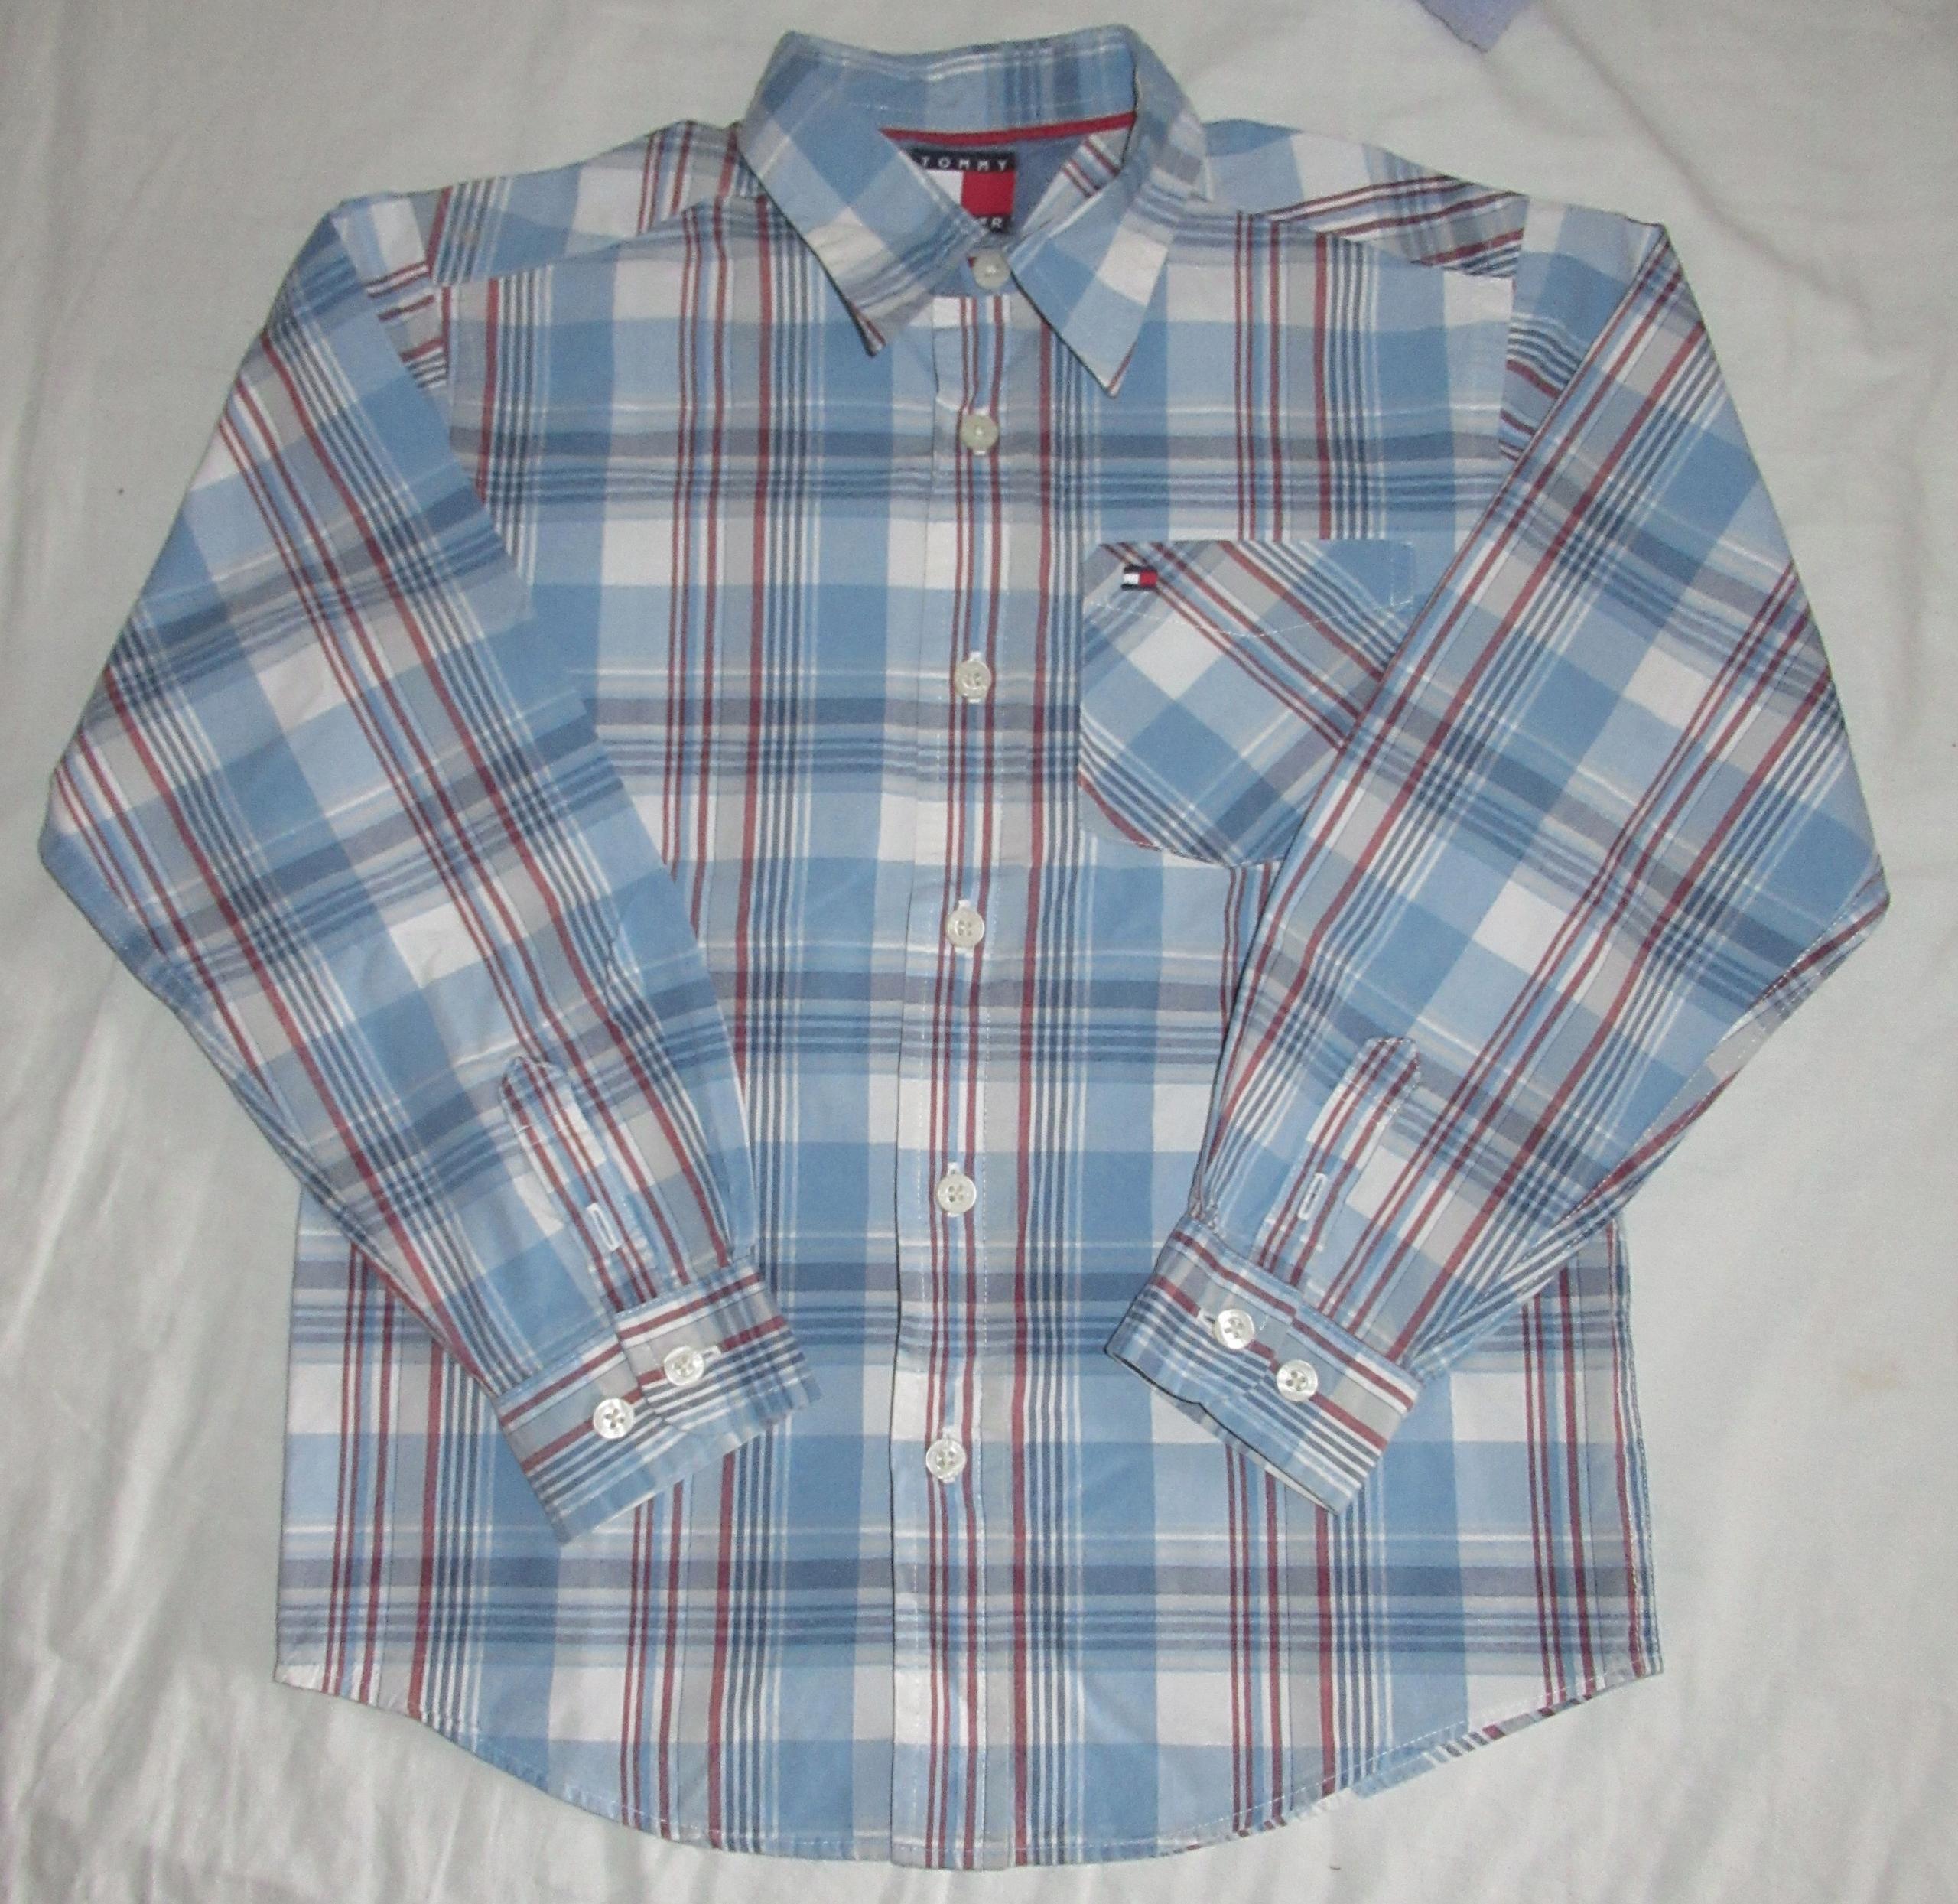 Koszula chłopięca Tommy Hilfiger rozmiar 122 cm